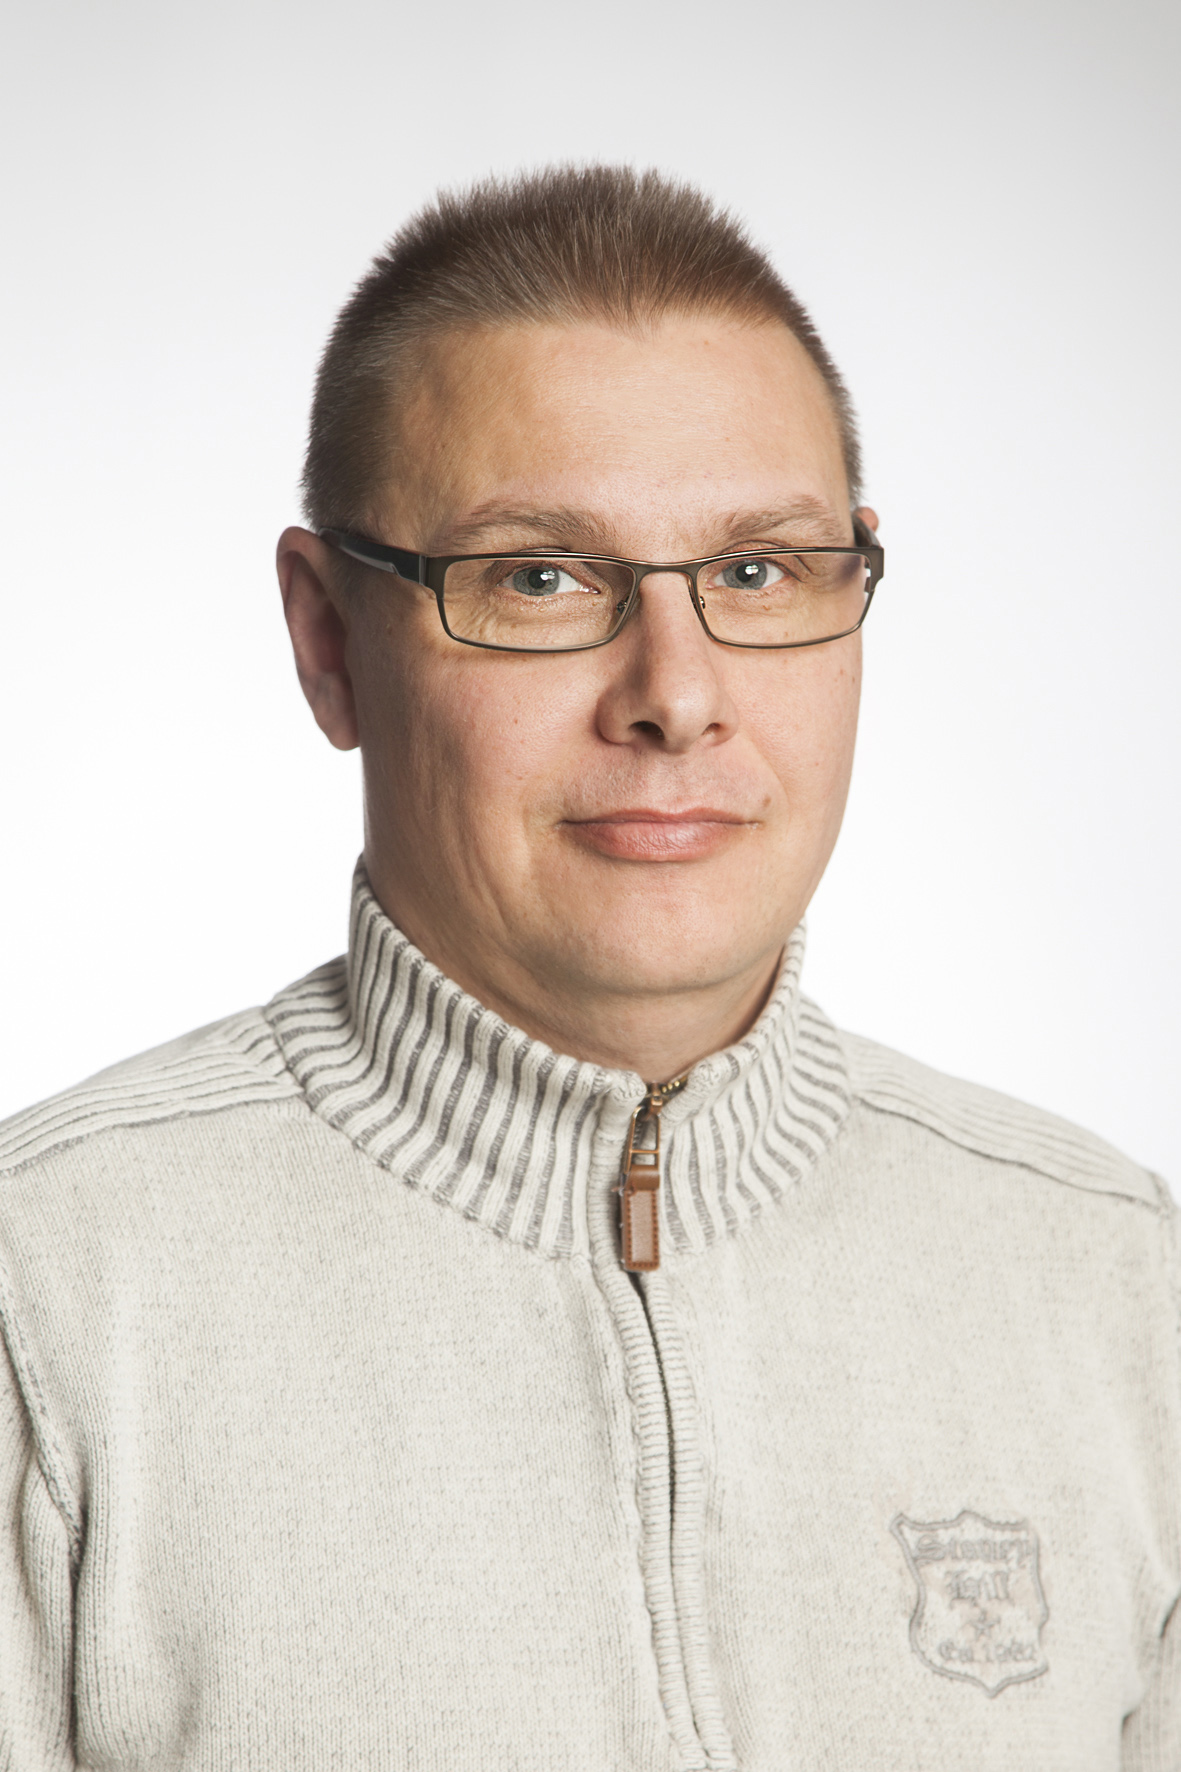 Rami Kuhanen : isännöitsijä